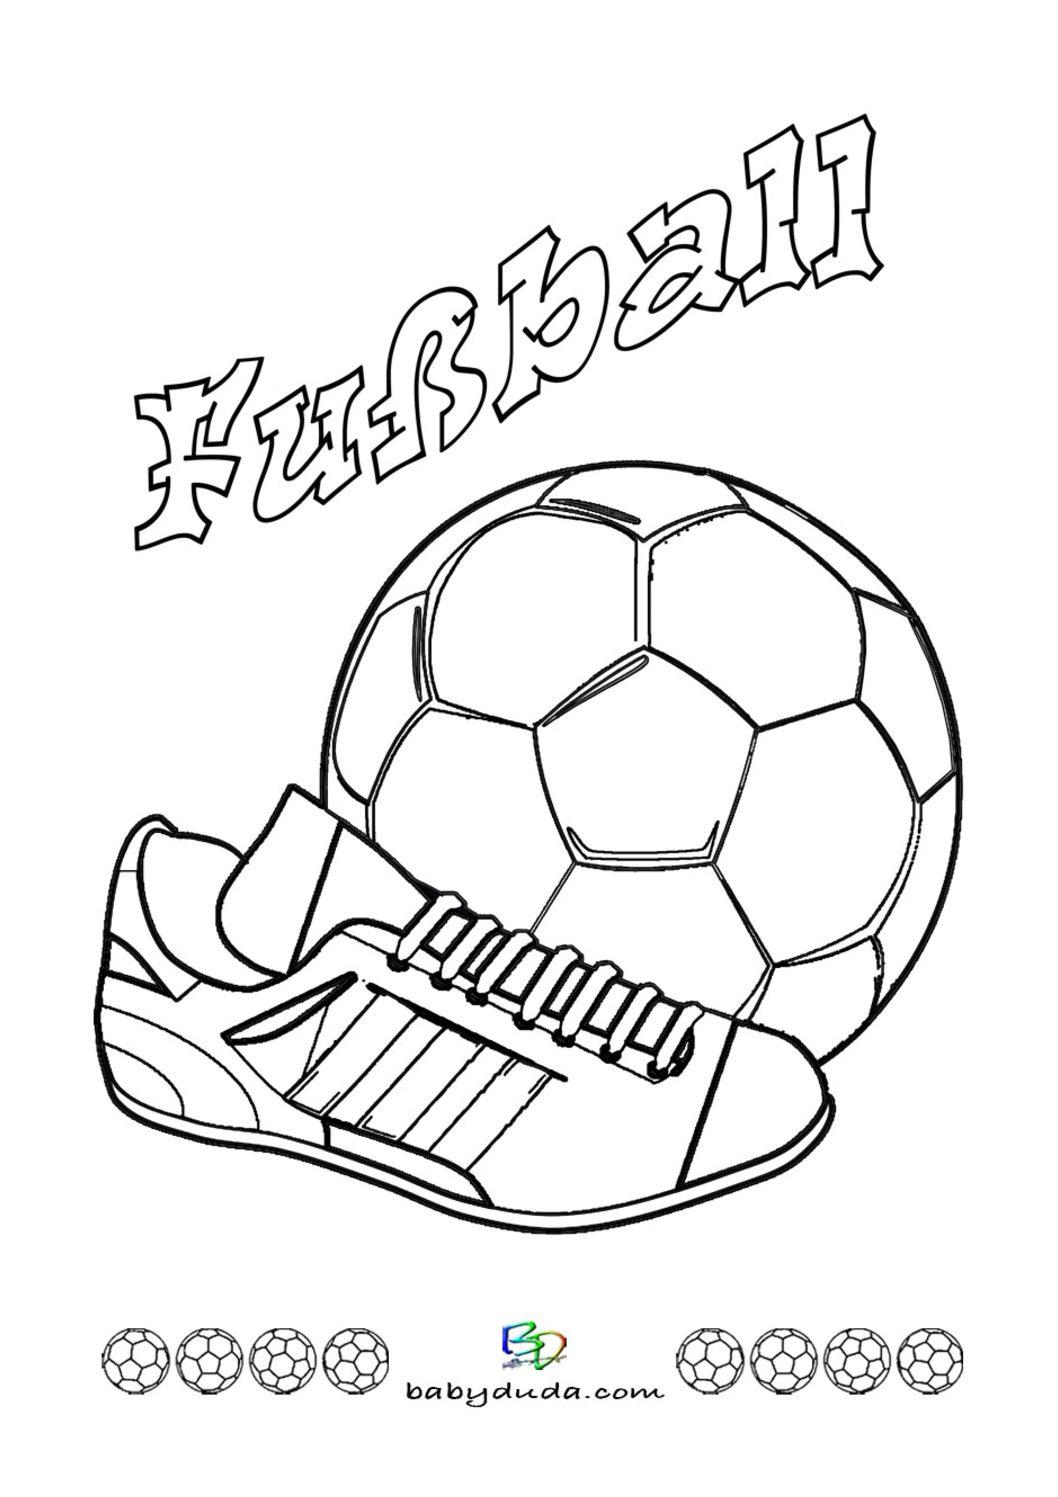 Berühmt Fußballspielvorlage Zeitgenössisch - Beispielzusammenfassung ...